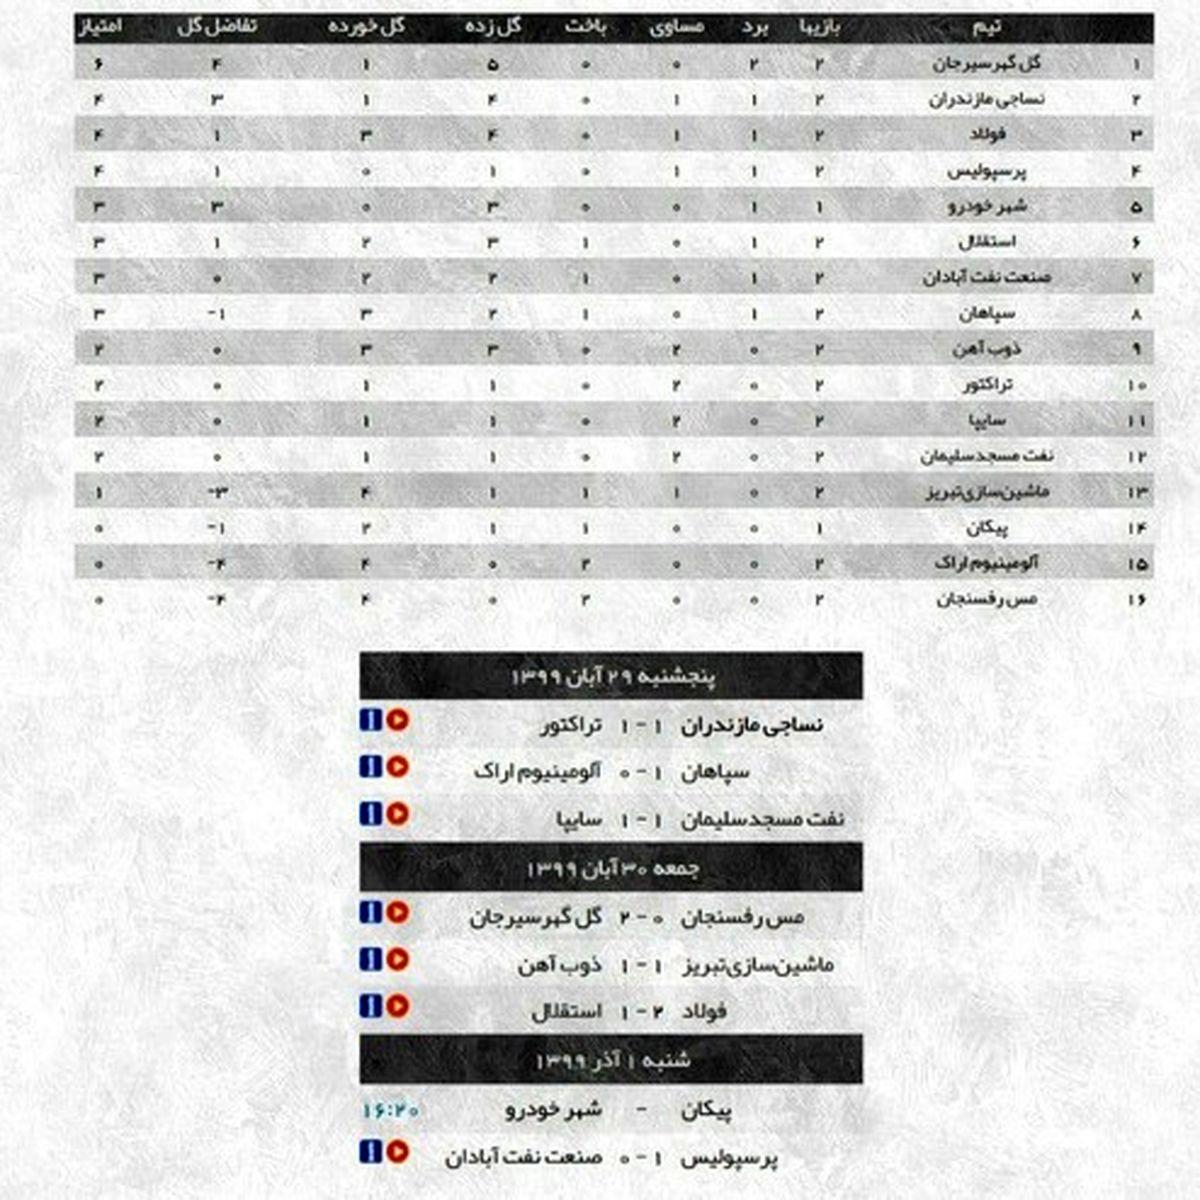 نتایج کامل هفته دوم لیگ برتر و جدول رده بندی